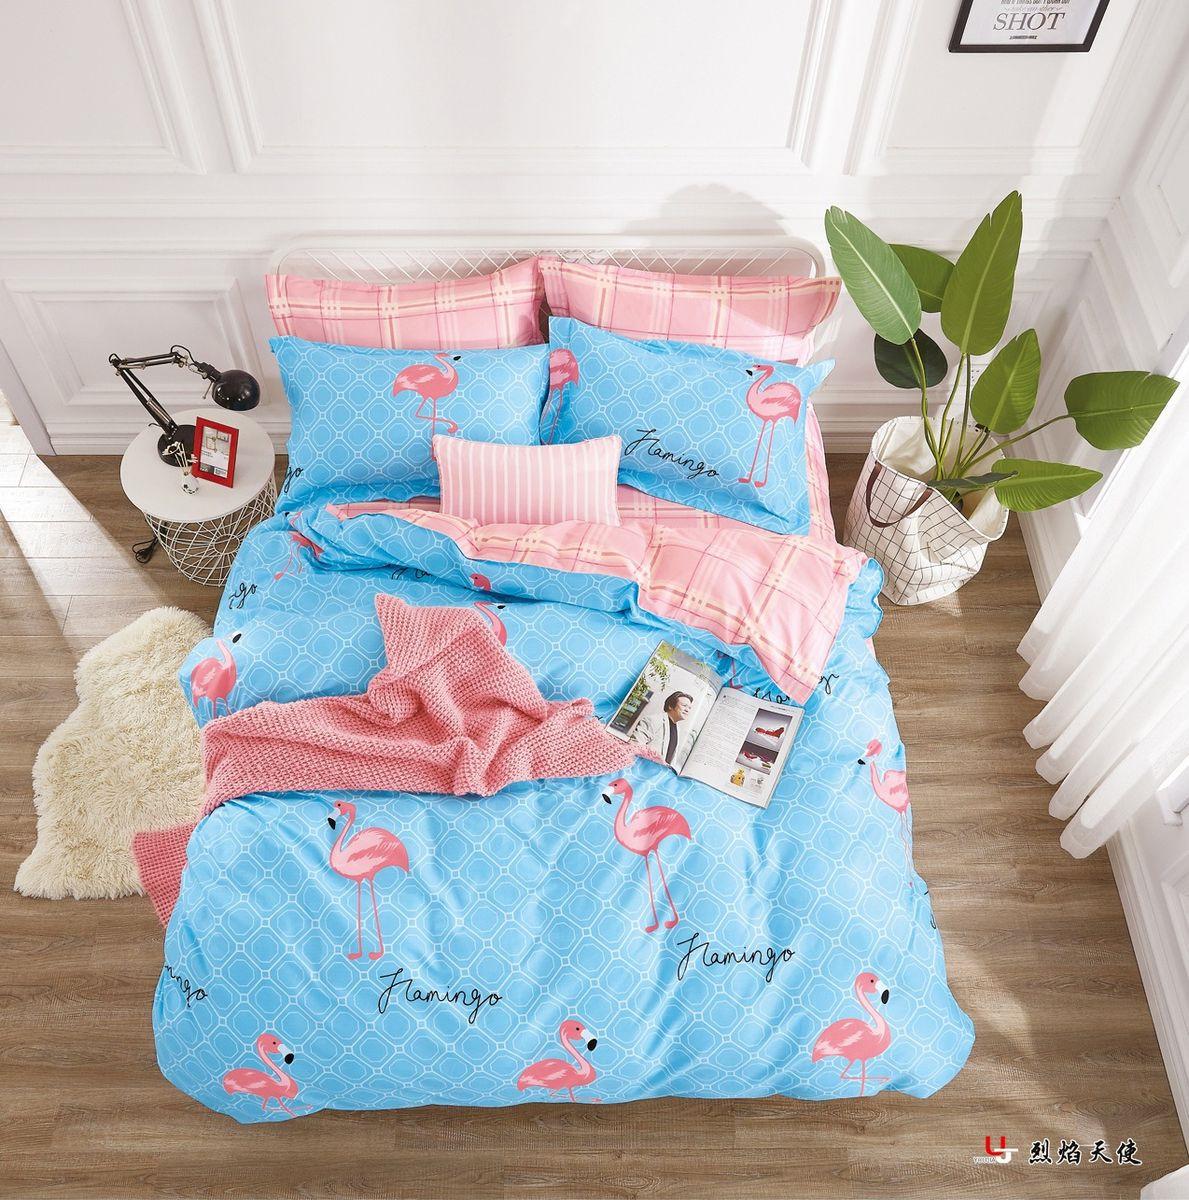 Комплект постельного белья Guten Morgen Перкаль, Пг-797-200-240-70, голубой, евро, наволочки 70x70 комплект постельного белья guten morgen перкаль пг 797 175 220 70 голубой 2 х спальный наволочки 70x70